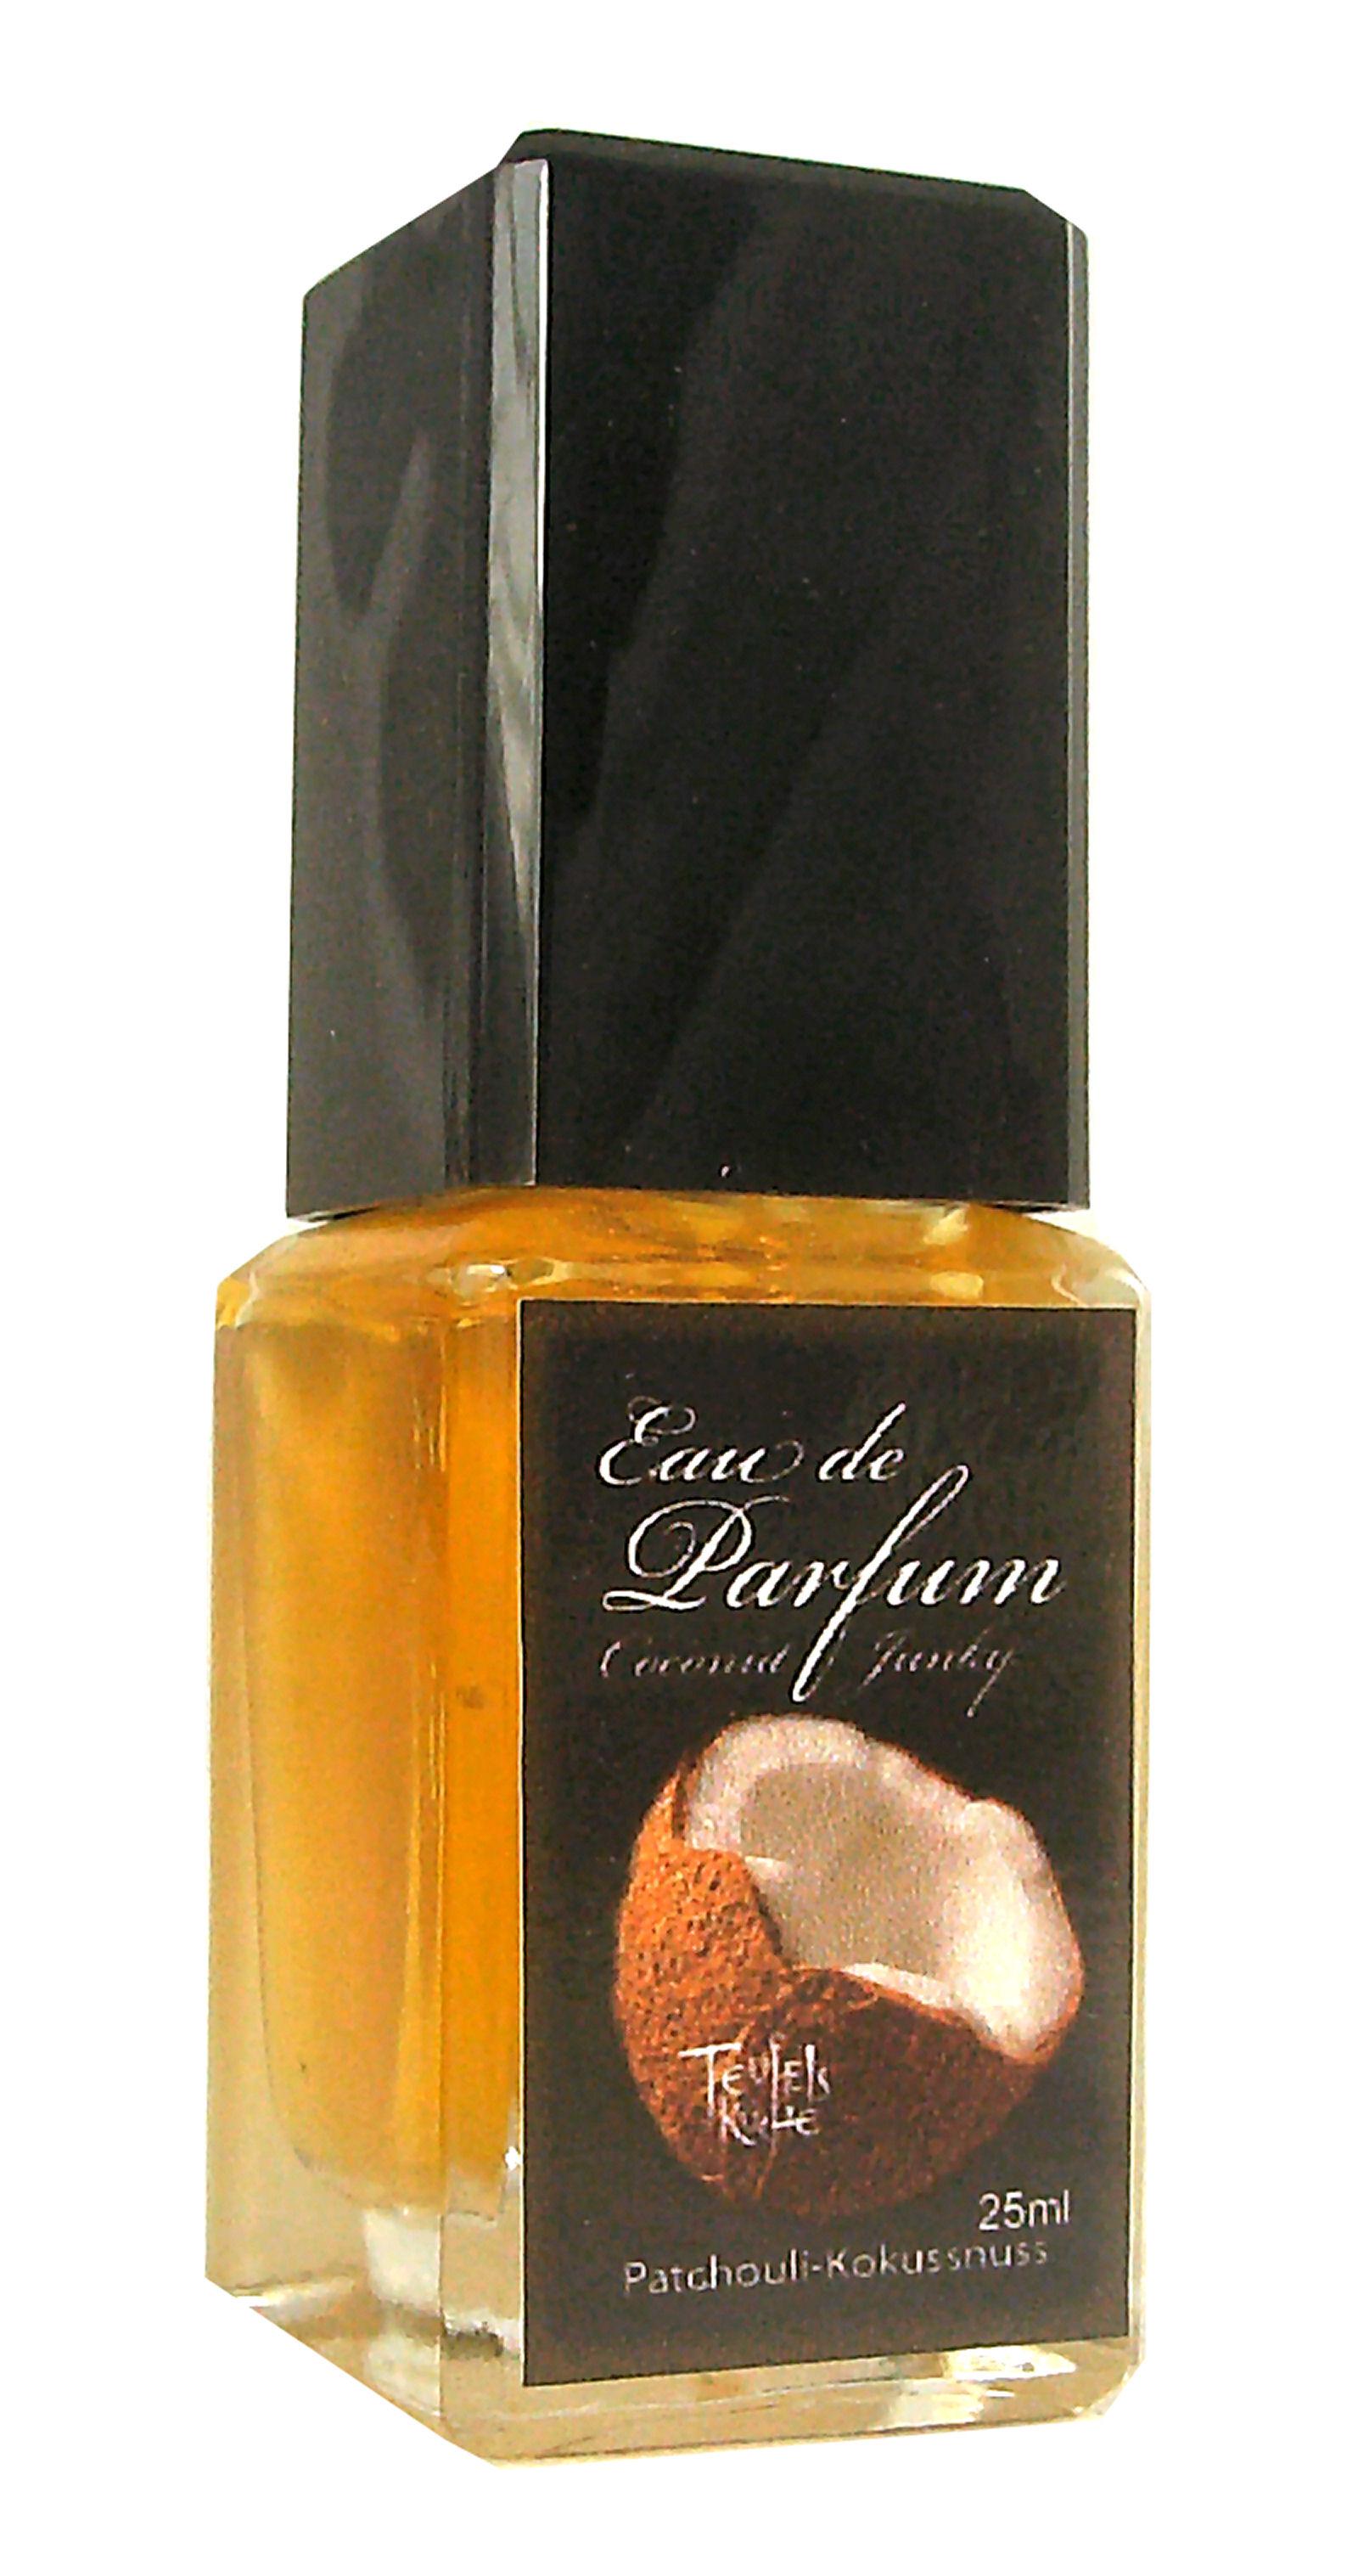 Patchouli Coconut Junky, Eau de Parfüm 25 ml